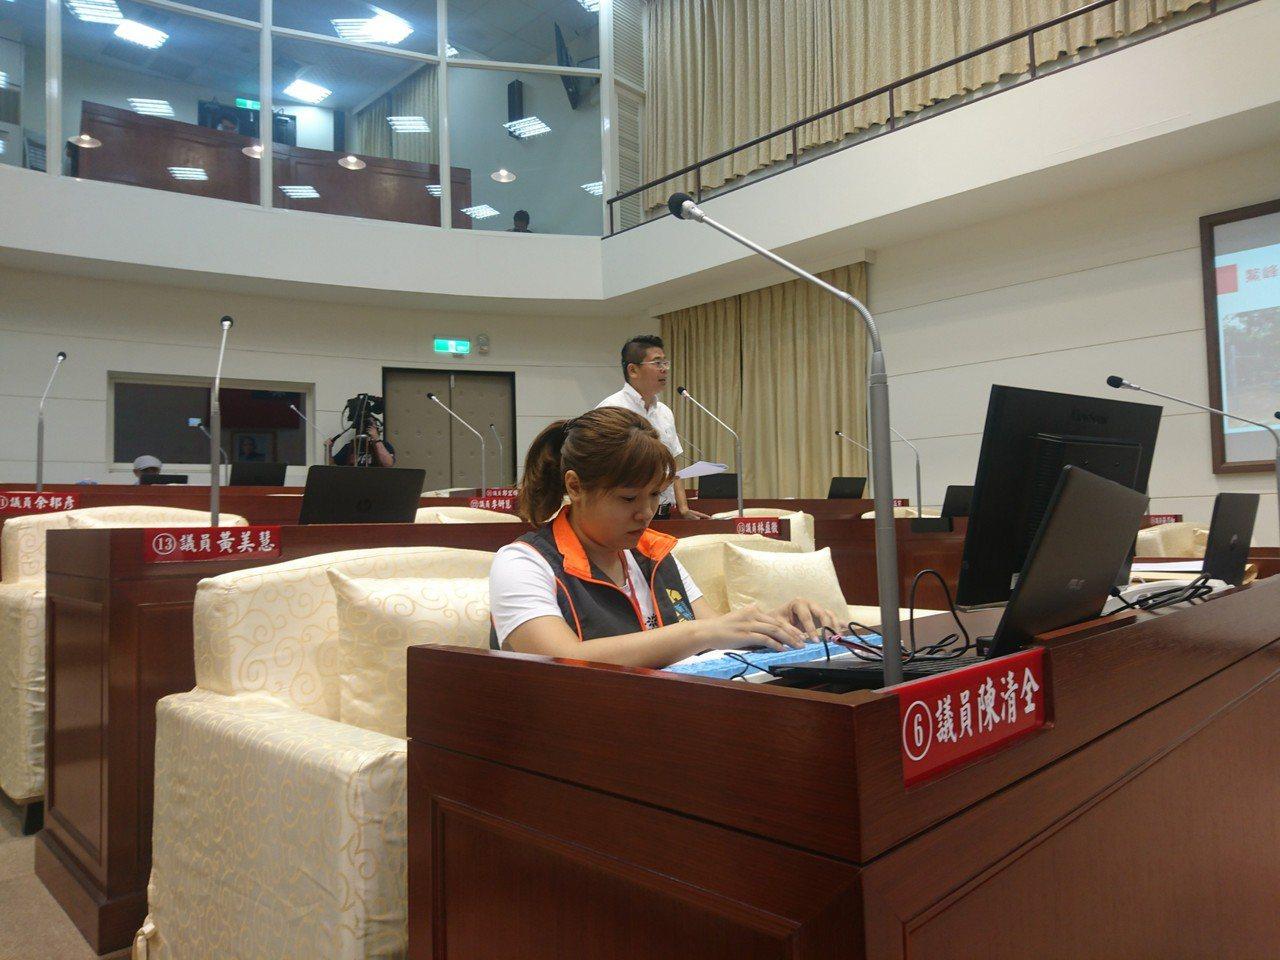 新竹市政府社會處提供「同步聽打服務」,首次在新竹市議會的質詢時間使用。圖/林盈徹...